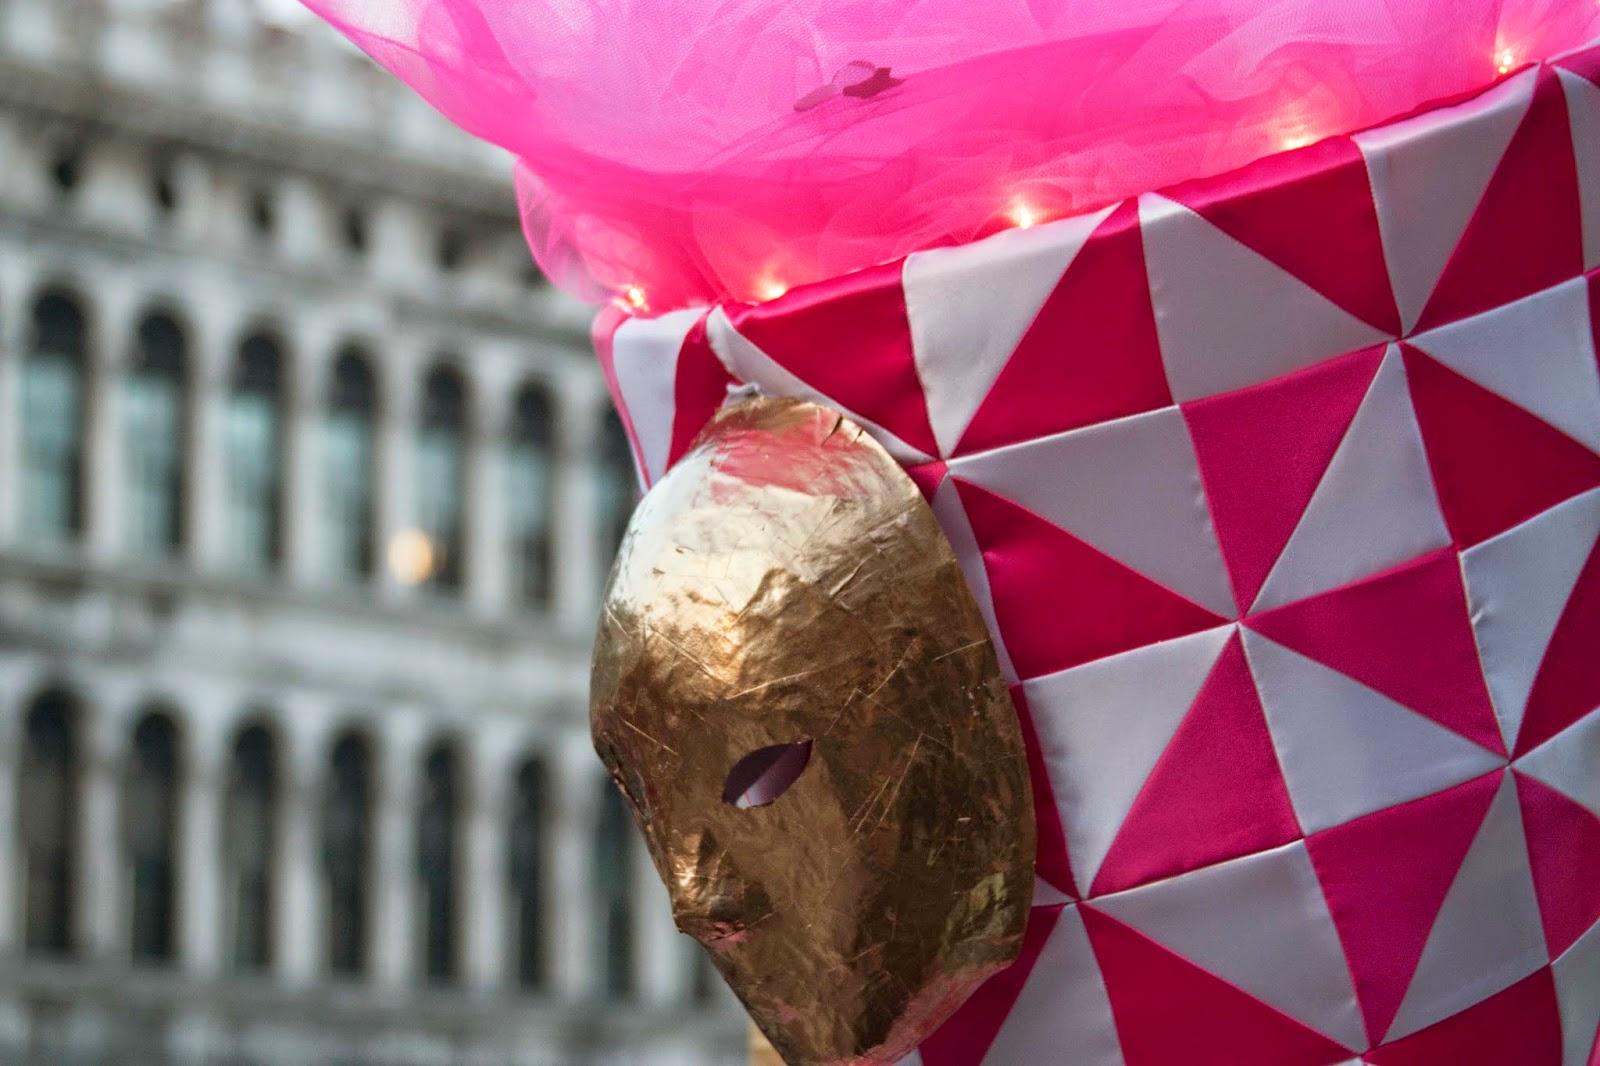 Carnival in Venice: mask on hat